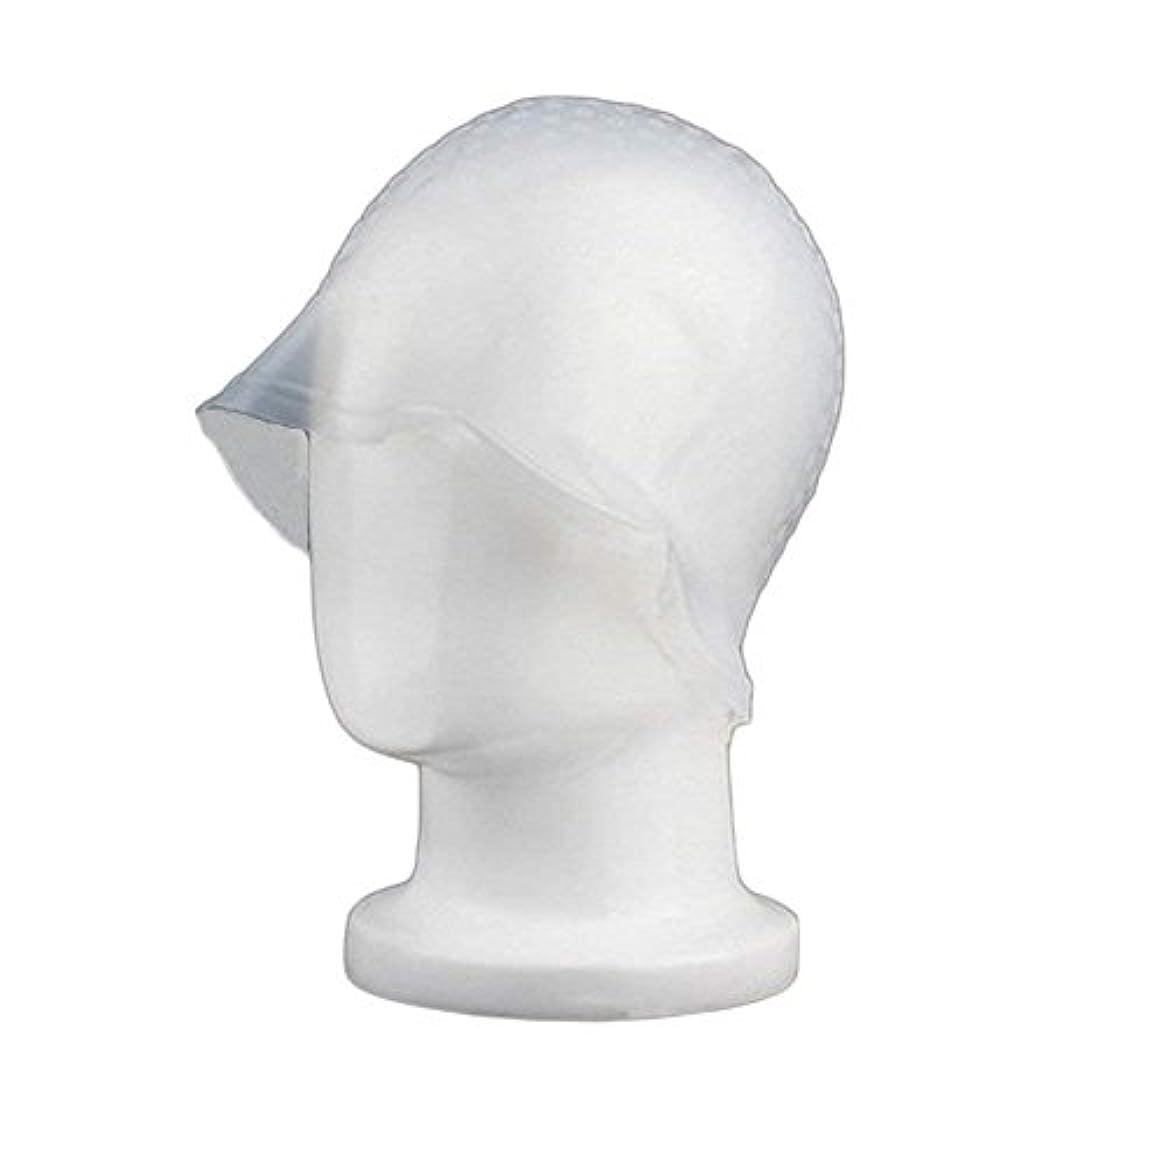 彫るグリーンバックマニアックSincerestore 洗って使える ヘアカラー 染め用 メッシュ 用 シリコン ヘア キャップキャップ (ホワイト)